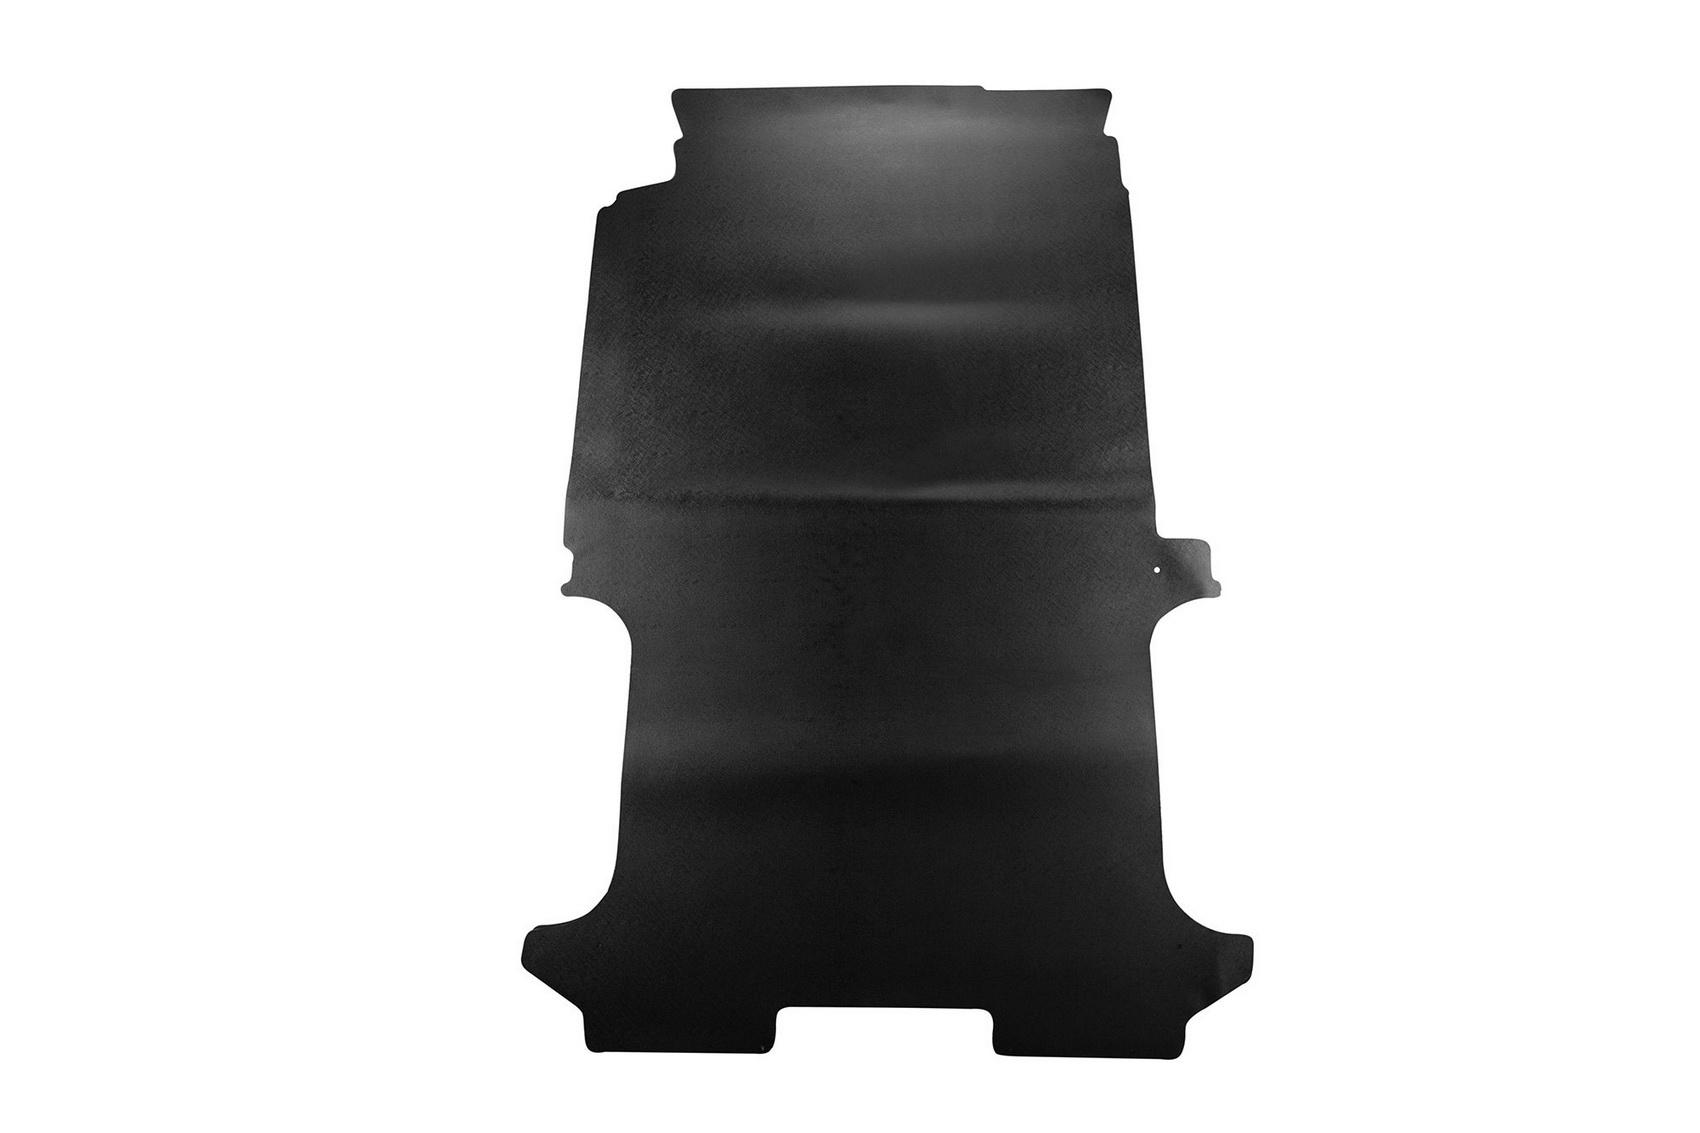 Protectie podea furgon compatibil cu MERCEDES Vito scurt 2014-